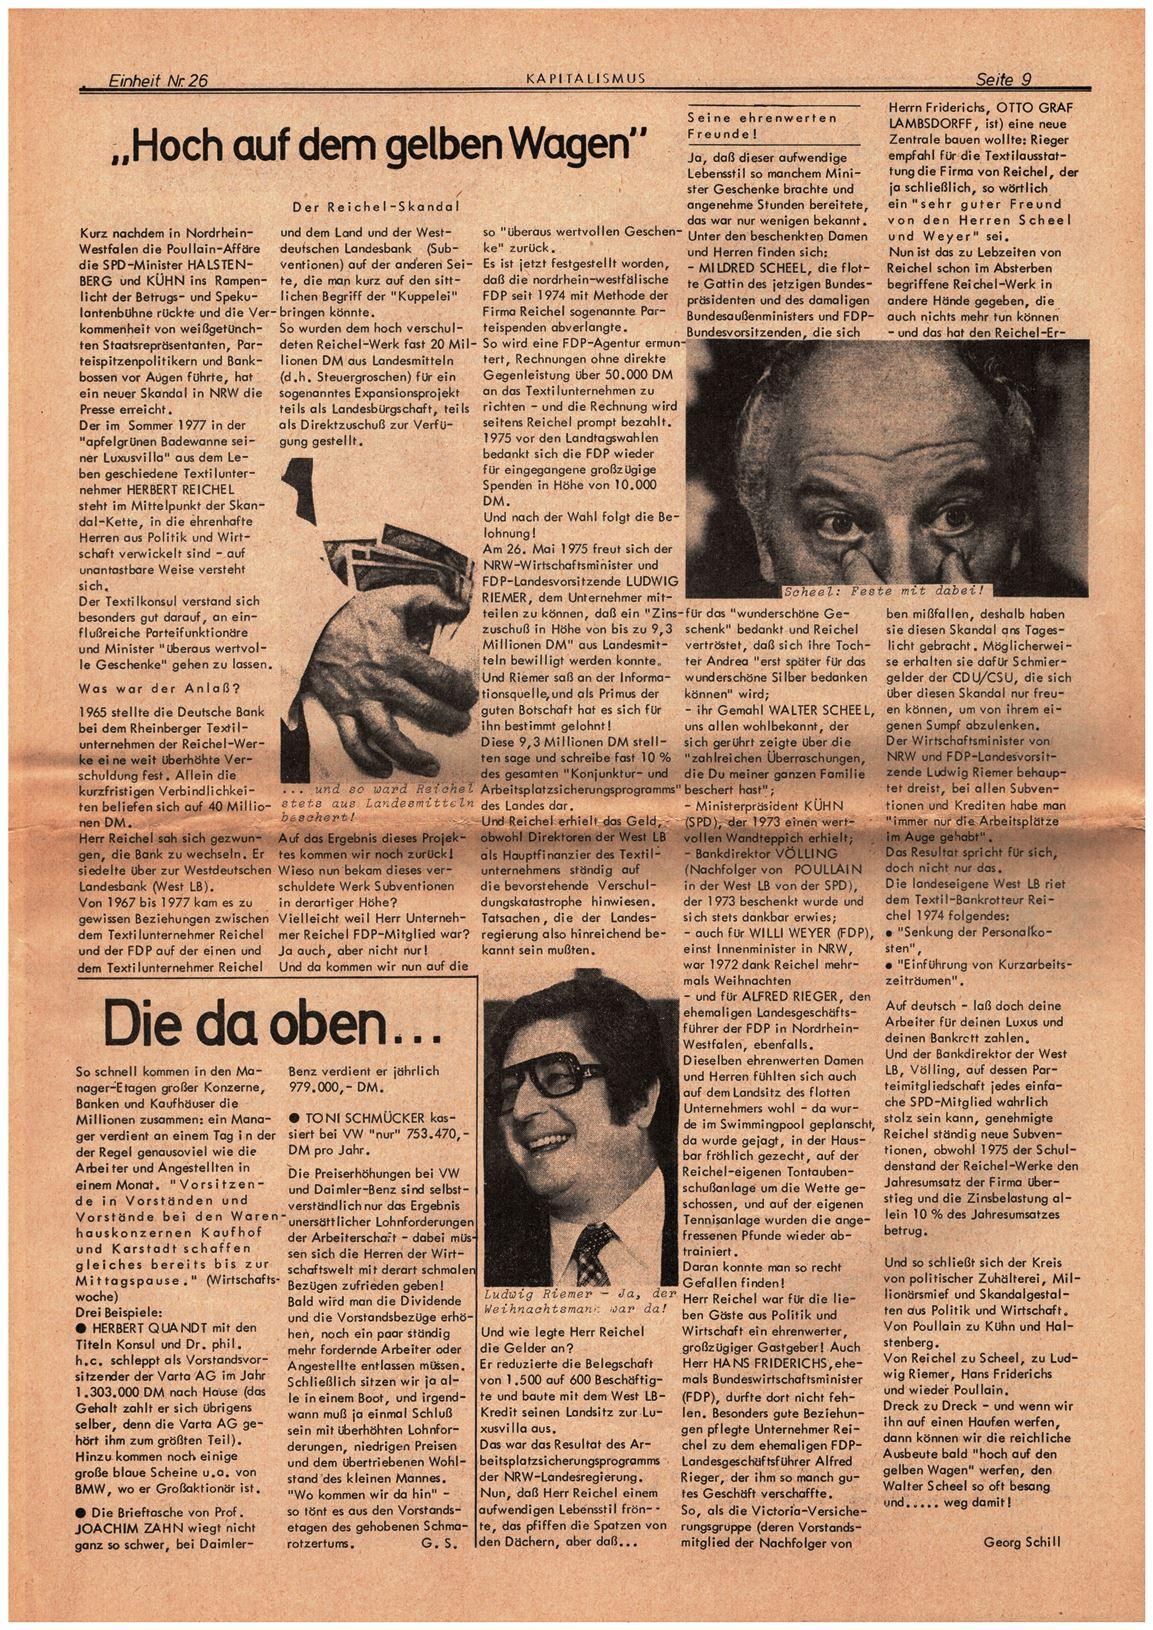 Koeln_IPdA_Einheit_1978_026_009